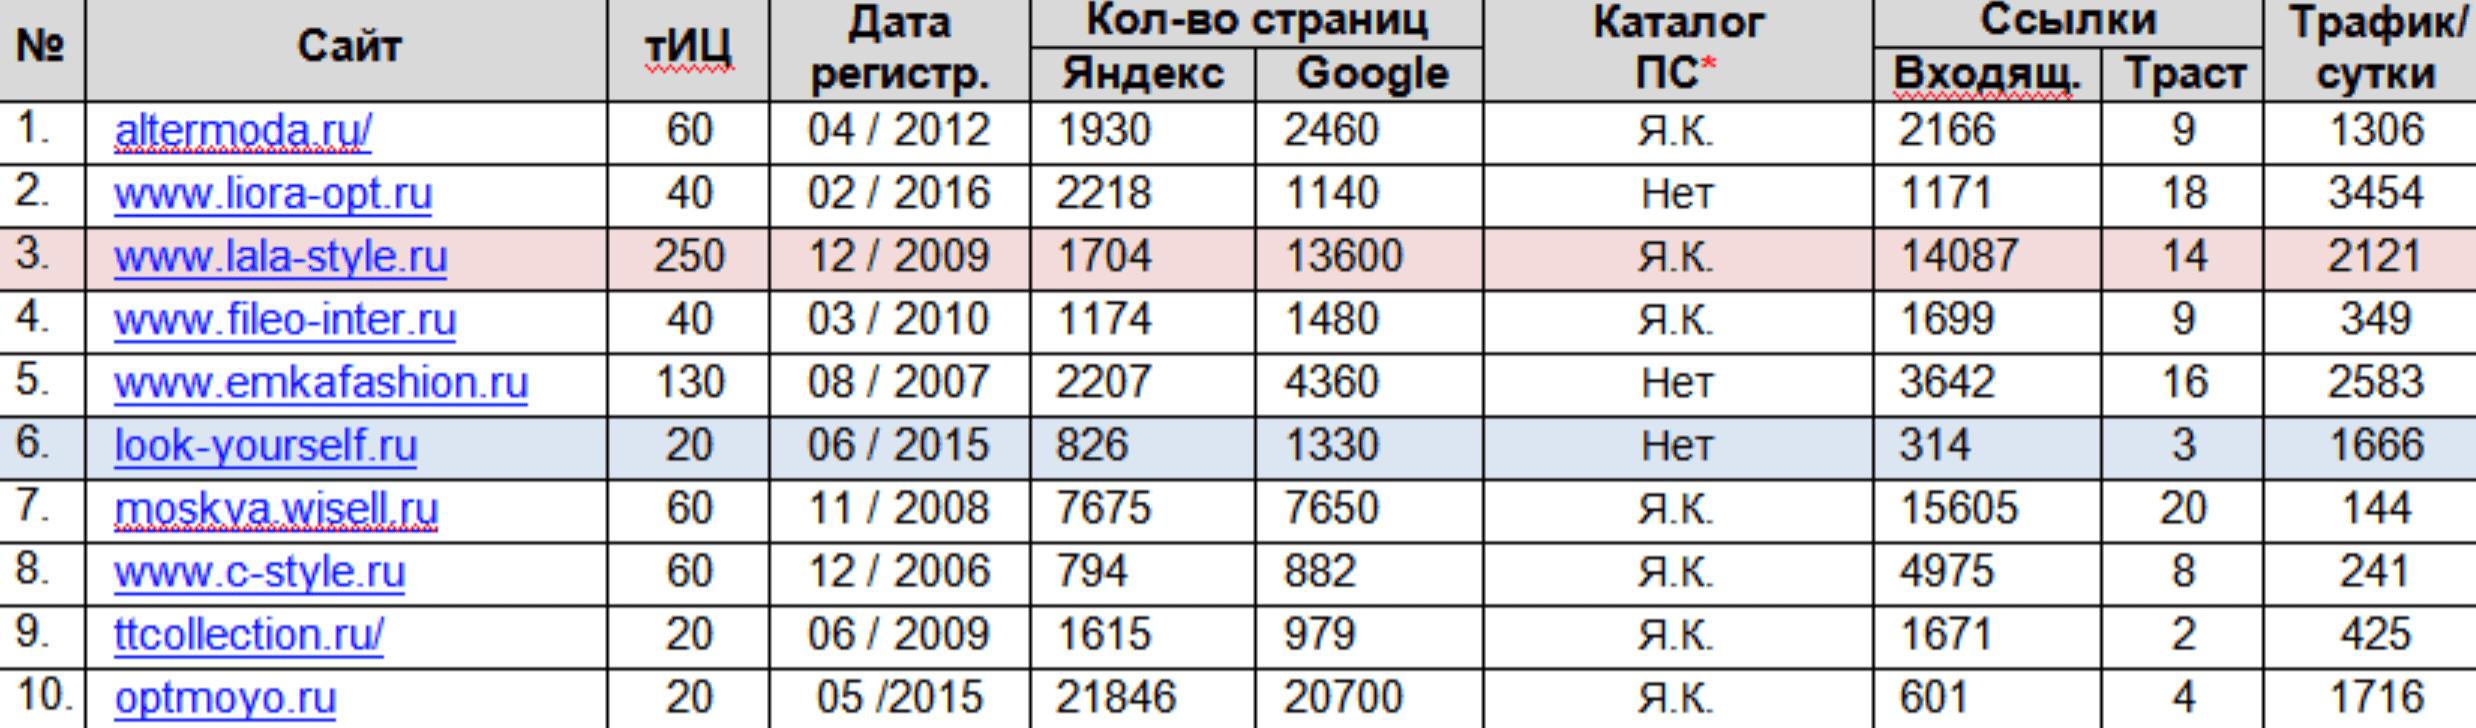 Сравнение SEO-параметров сайтов конкурентов